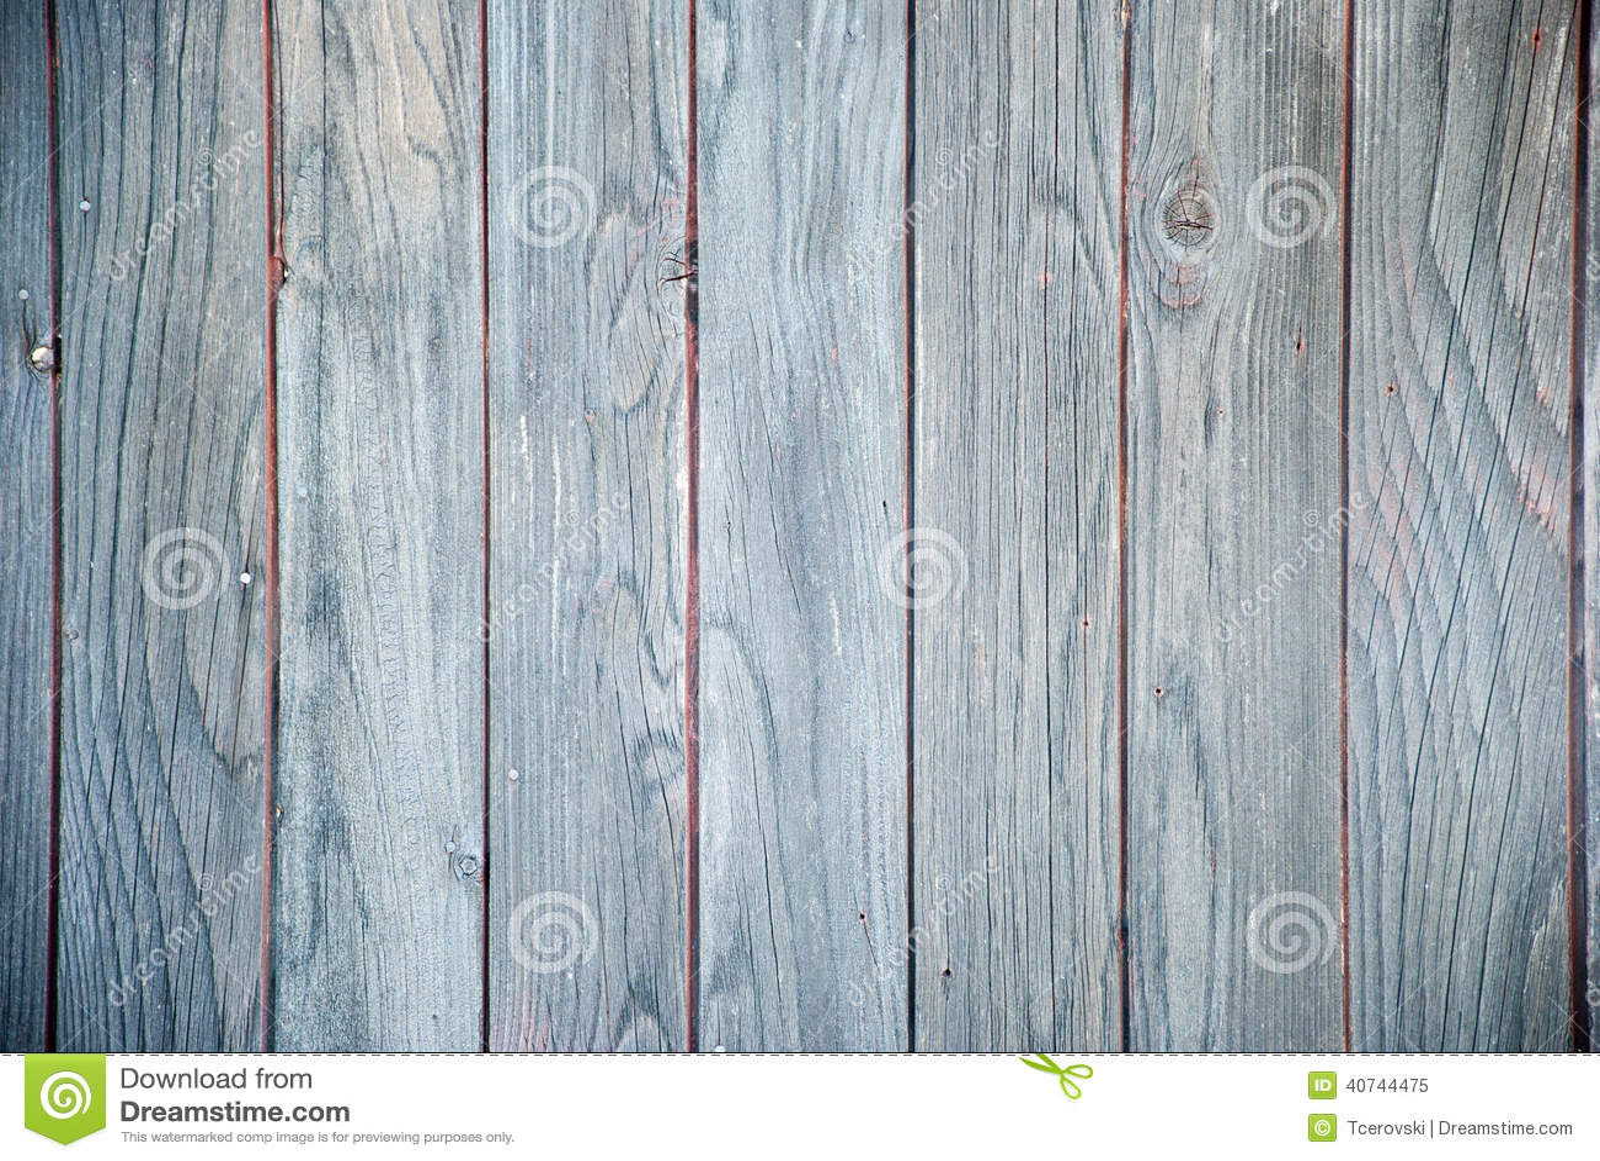 fond en bois gris de texture de mur de planche image stock. Black Bedroom Furniture Sets. Home Design Ideas